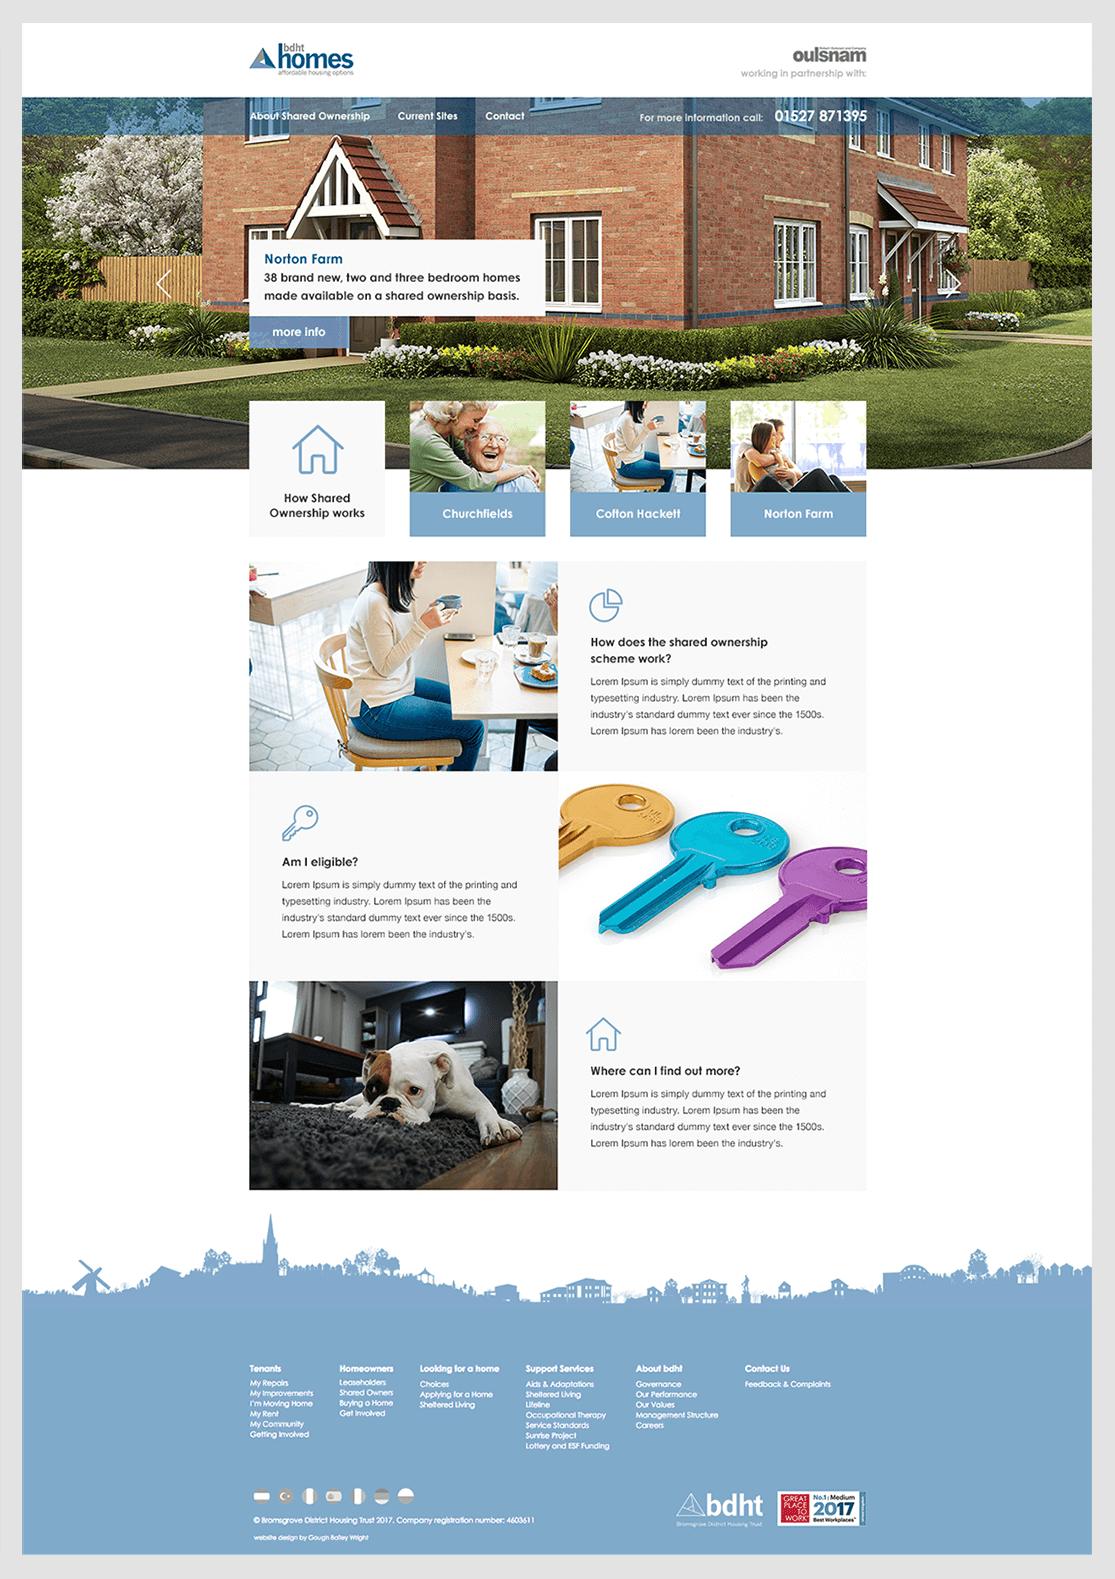 bdht Homes homepage Design